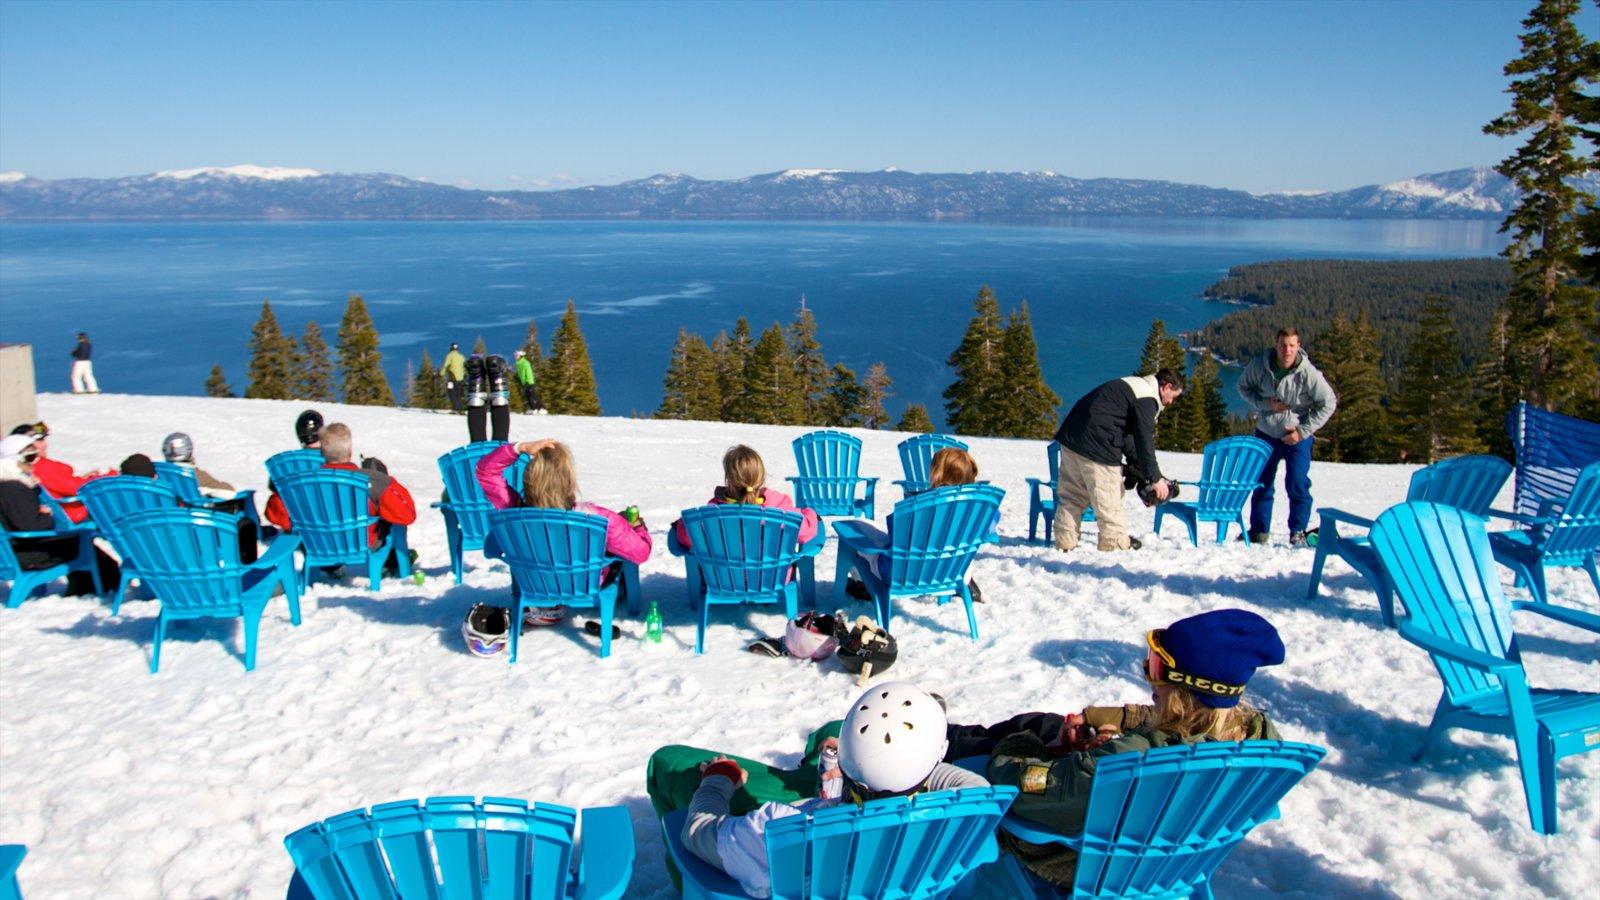 Homewood Mountain Resort ofreciendo un hotel o resort de lujo, una playa de arena y nieve